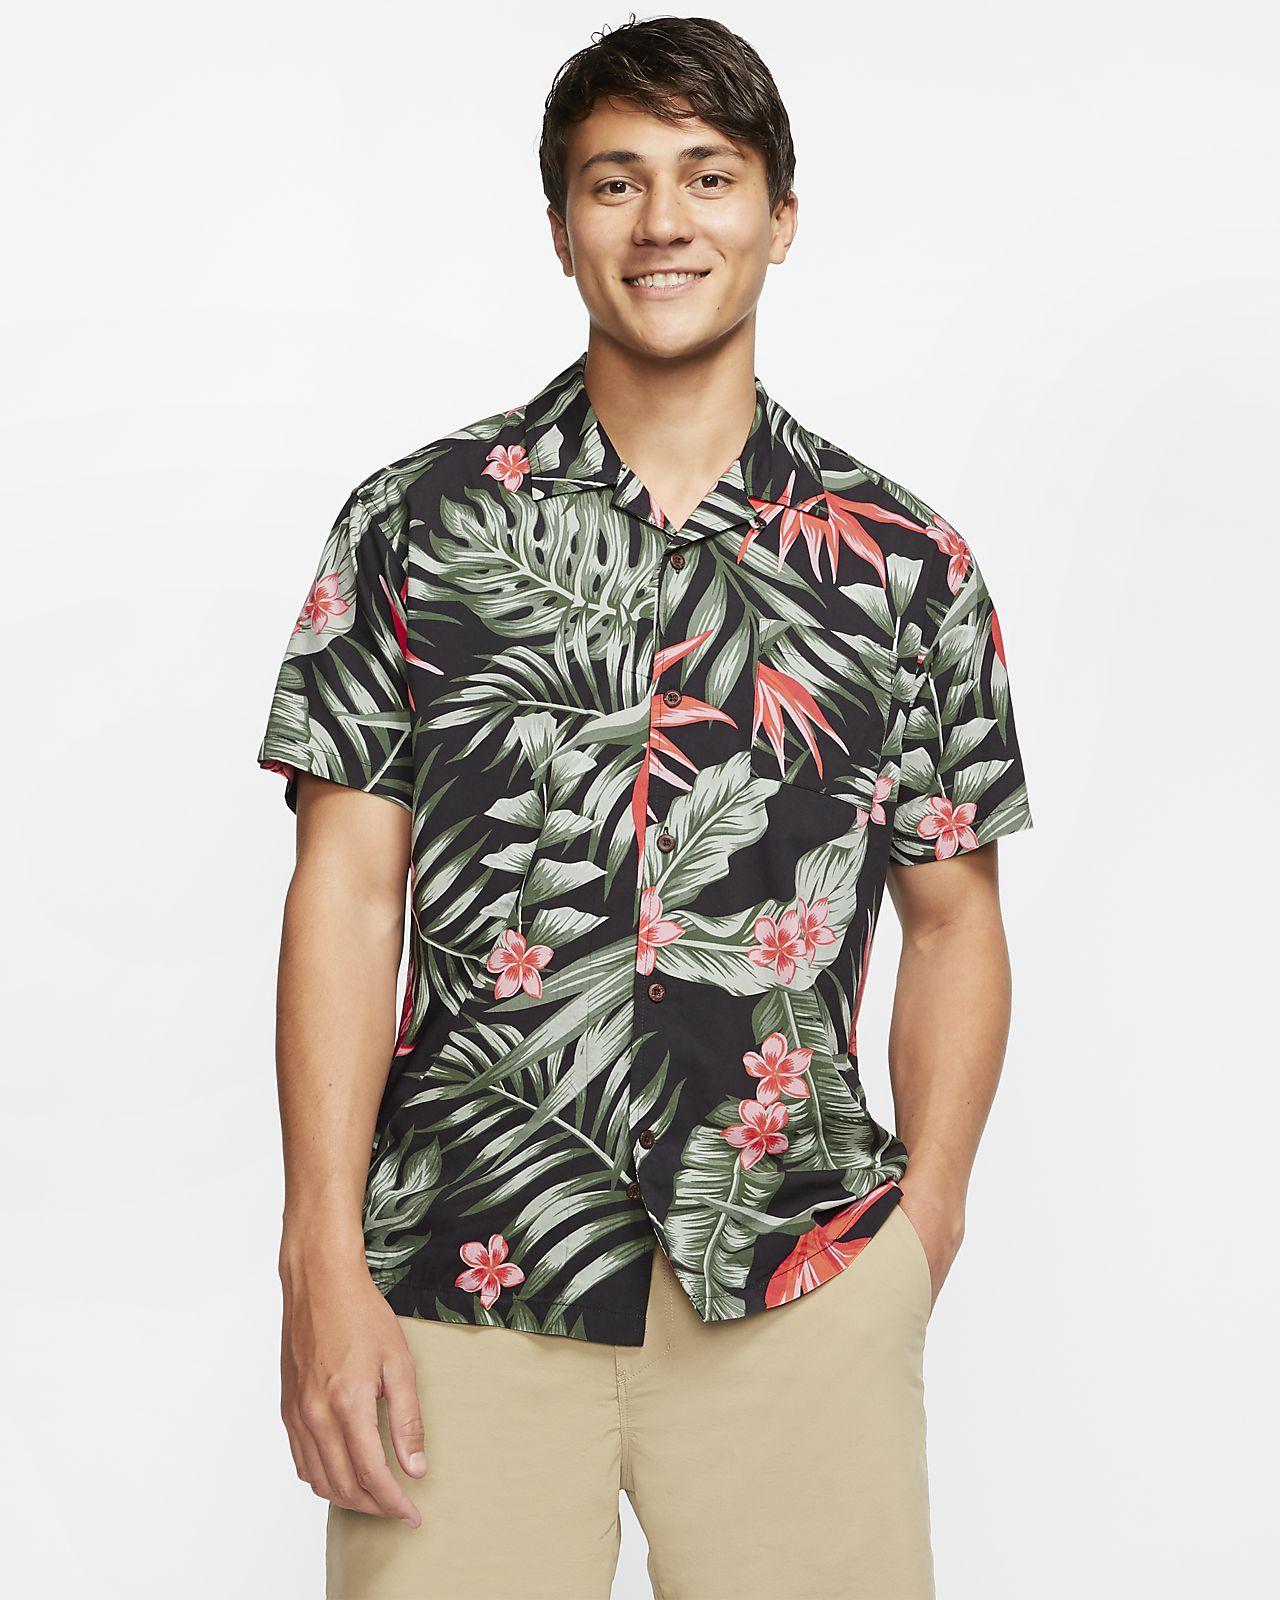 Hurley Party Wave Kısa Kollu Erkek Gömleği